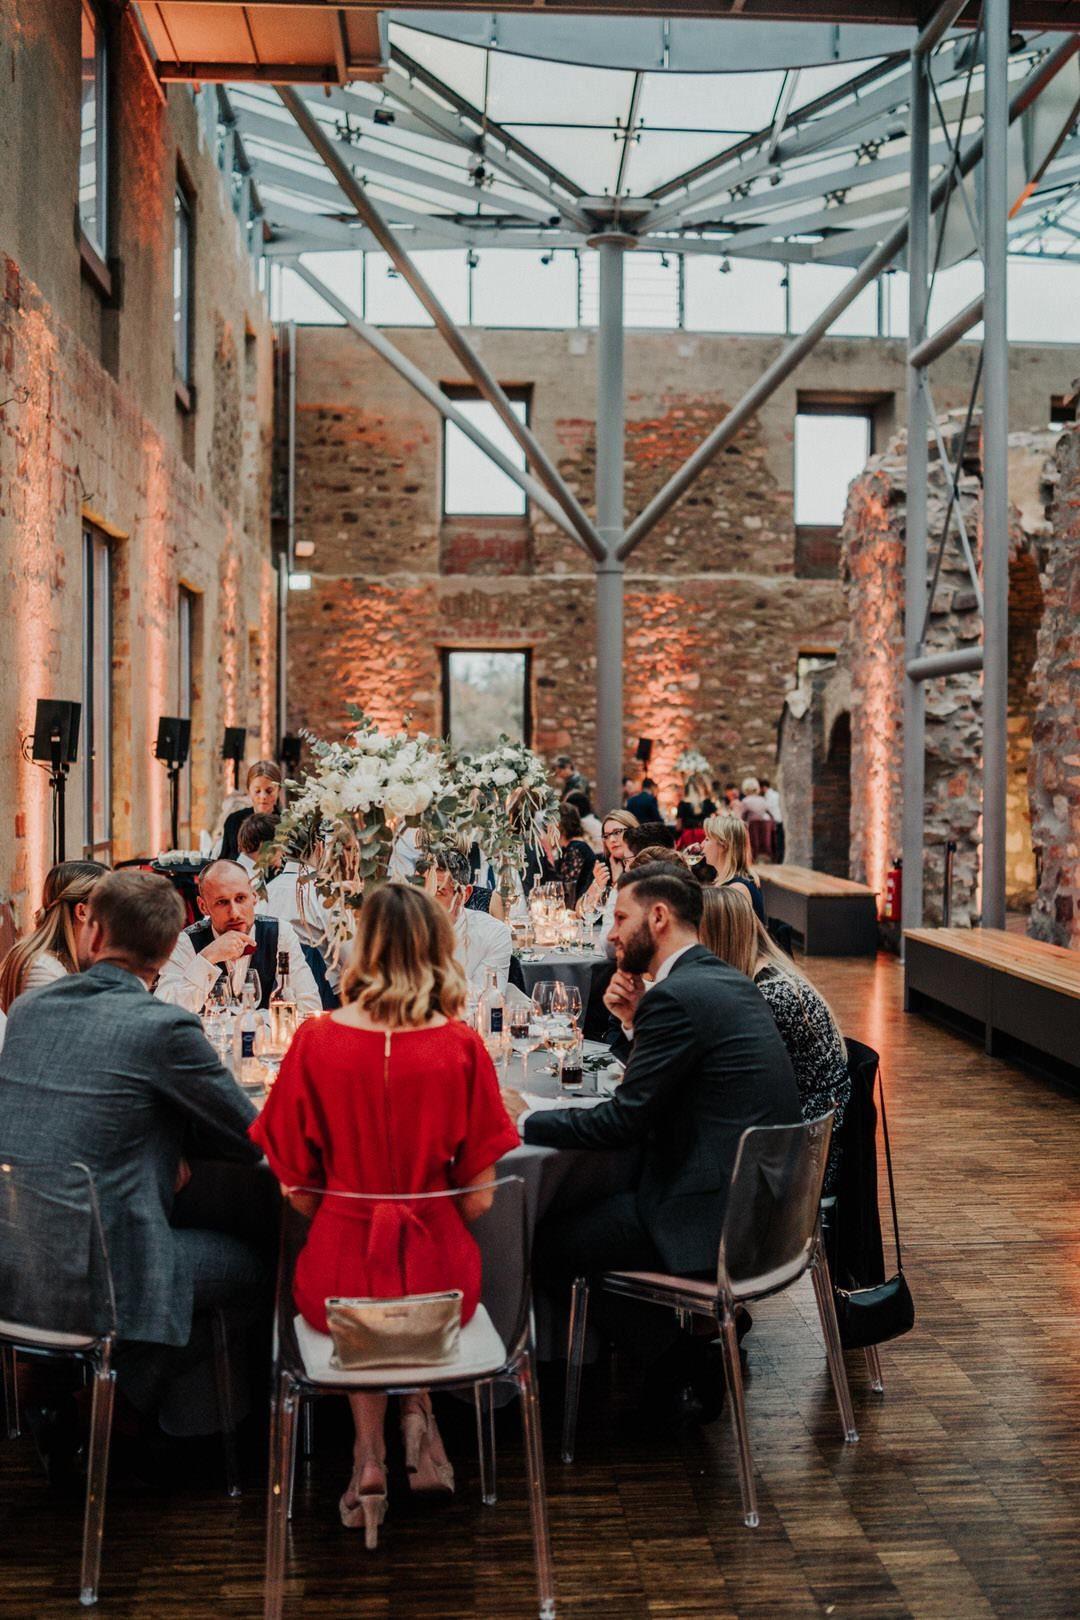 Feiern im Jagdschloss-Platte, Location für Boho-Hochzeiten in Wiesbaden